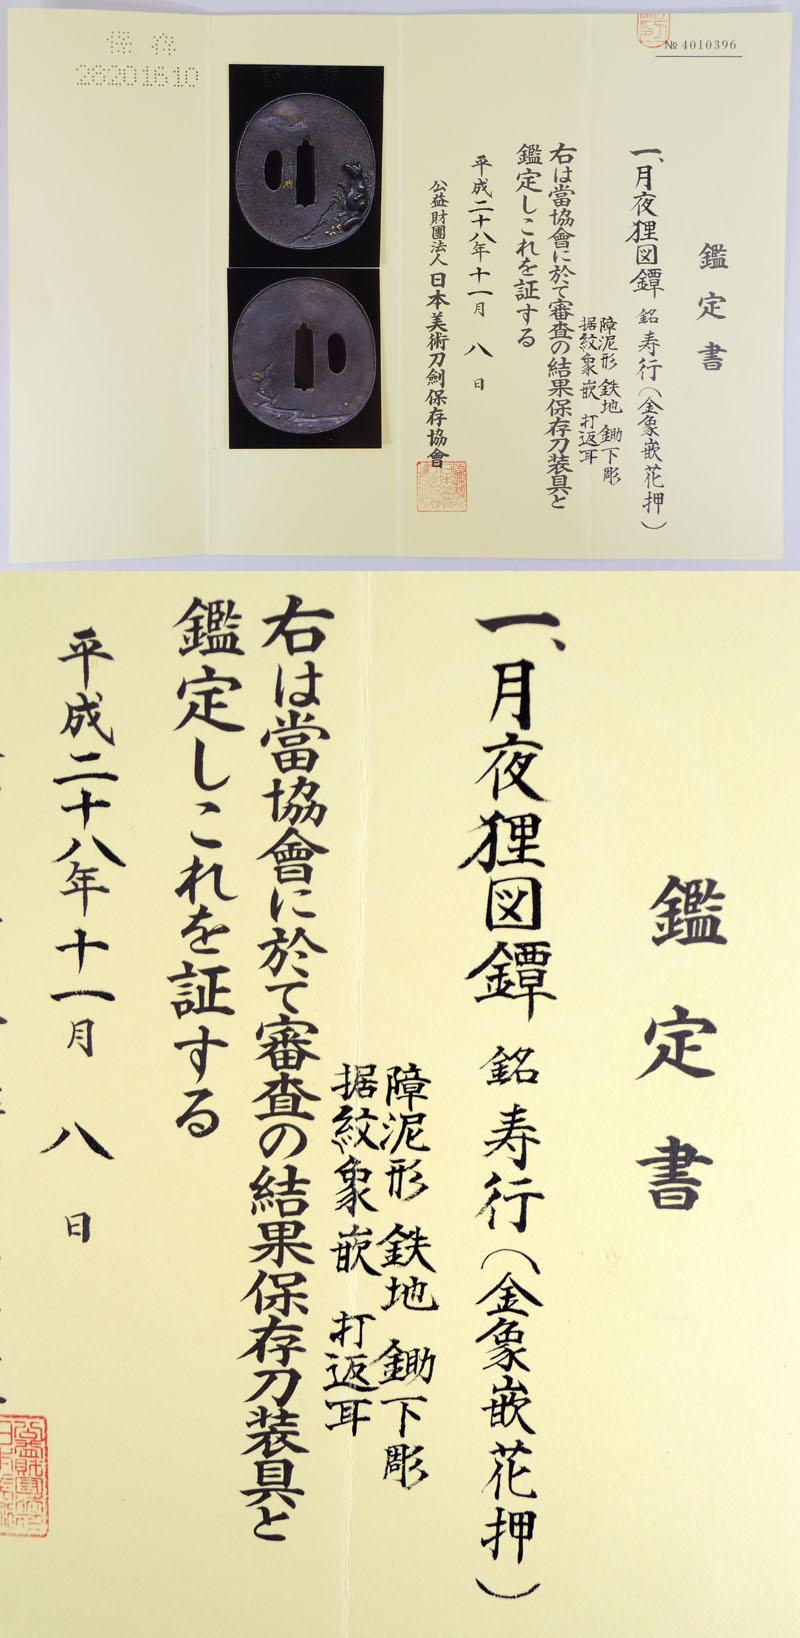 月夜狸図鍔 寿行(金象嵌花押)鑑定書画像